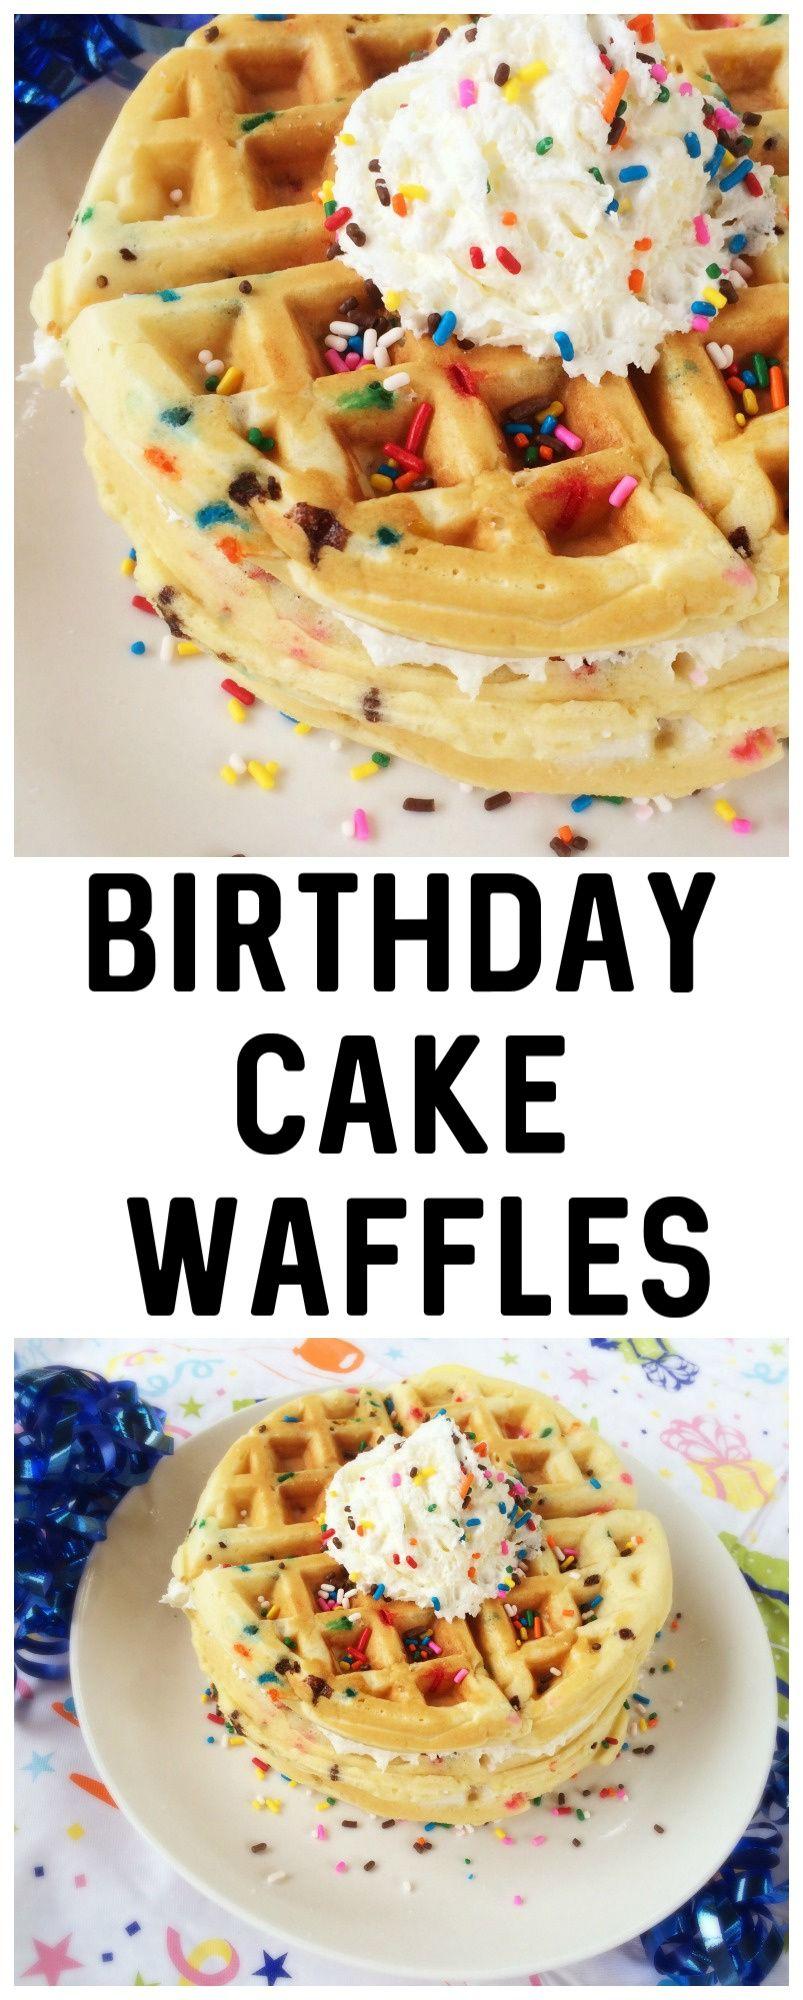 Birthday cake waffles recipe waffle cake waffle